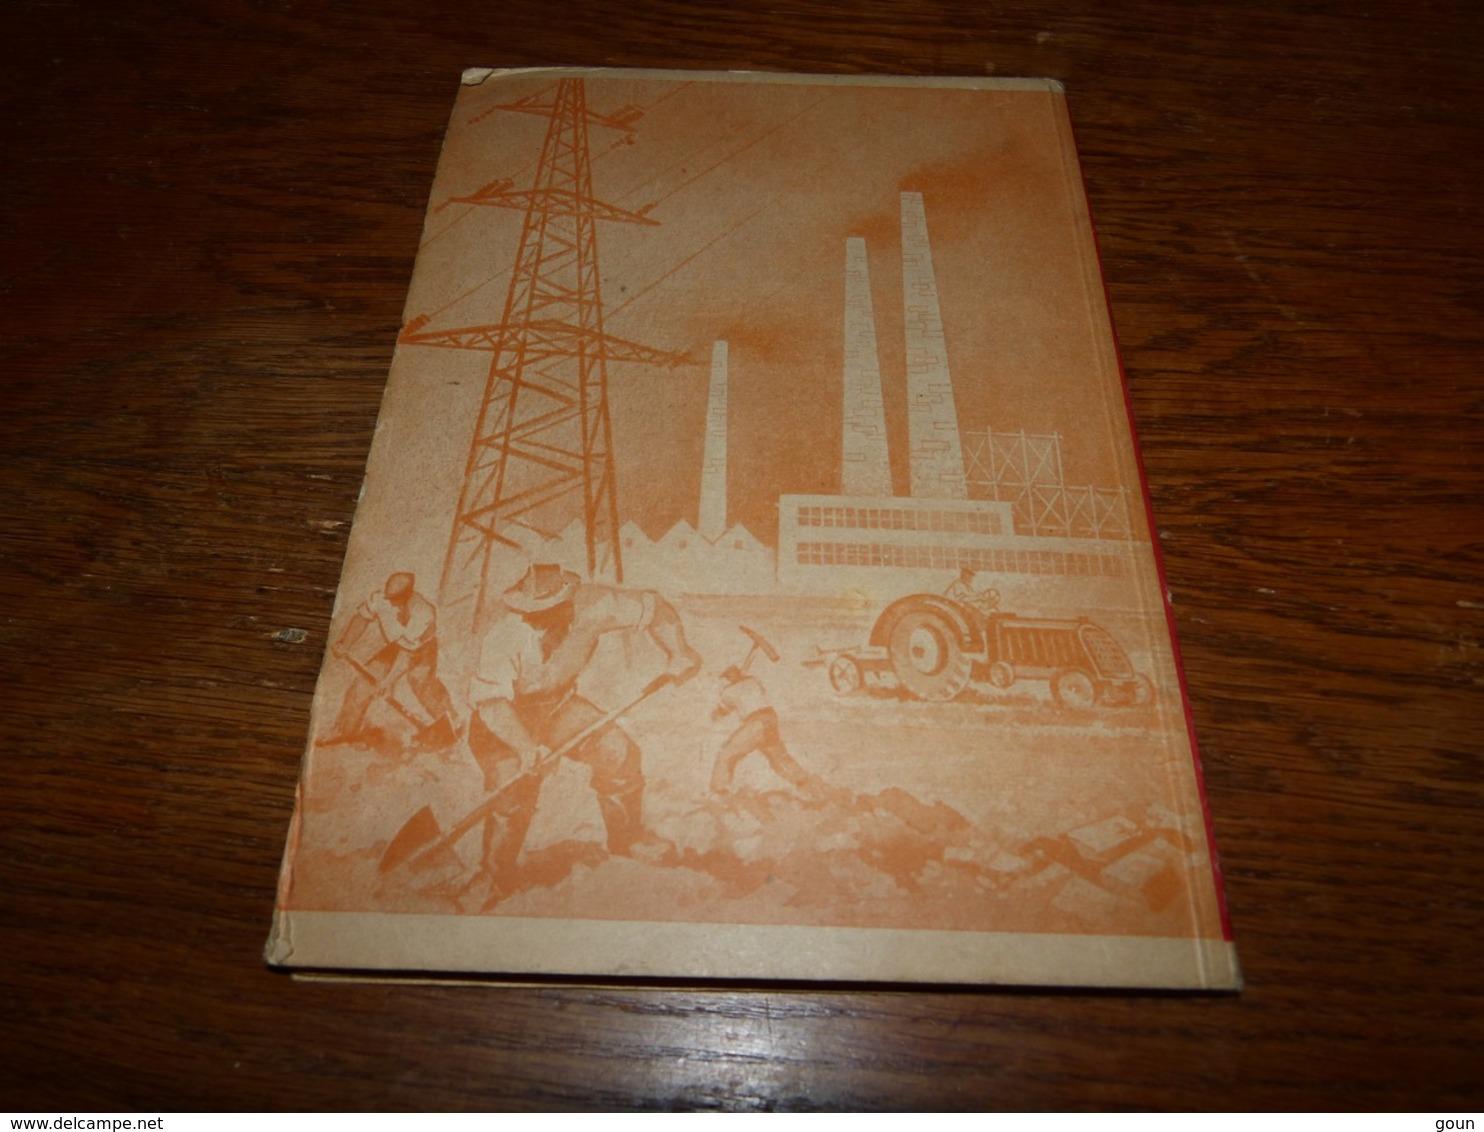 Petletni Plan 1947 Razvoja Narodnega Gospodarstva Federativne Ljudske Republike Jugoslavije V Letin 1947-1951 - Livres, BD, Revues